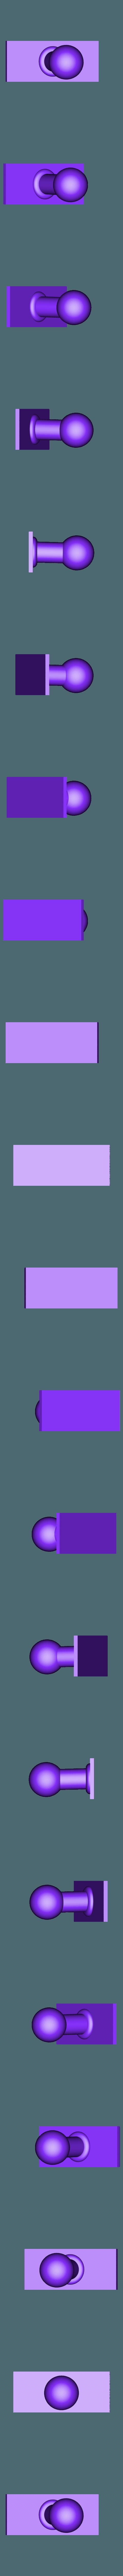 sello de tinta.stl Télécharger fichier STL gratuit tampon encreur SUPPORT blank • Plan pour impression 3D, MiguelngelMartnezDaz